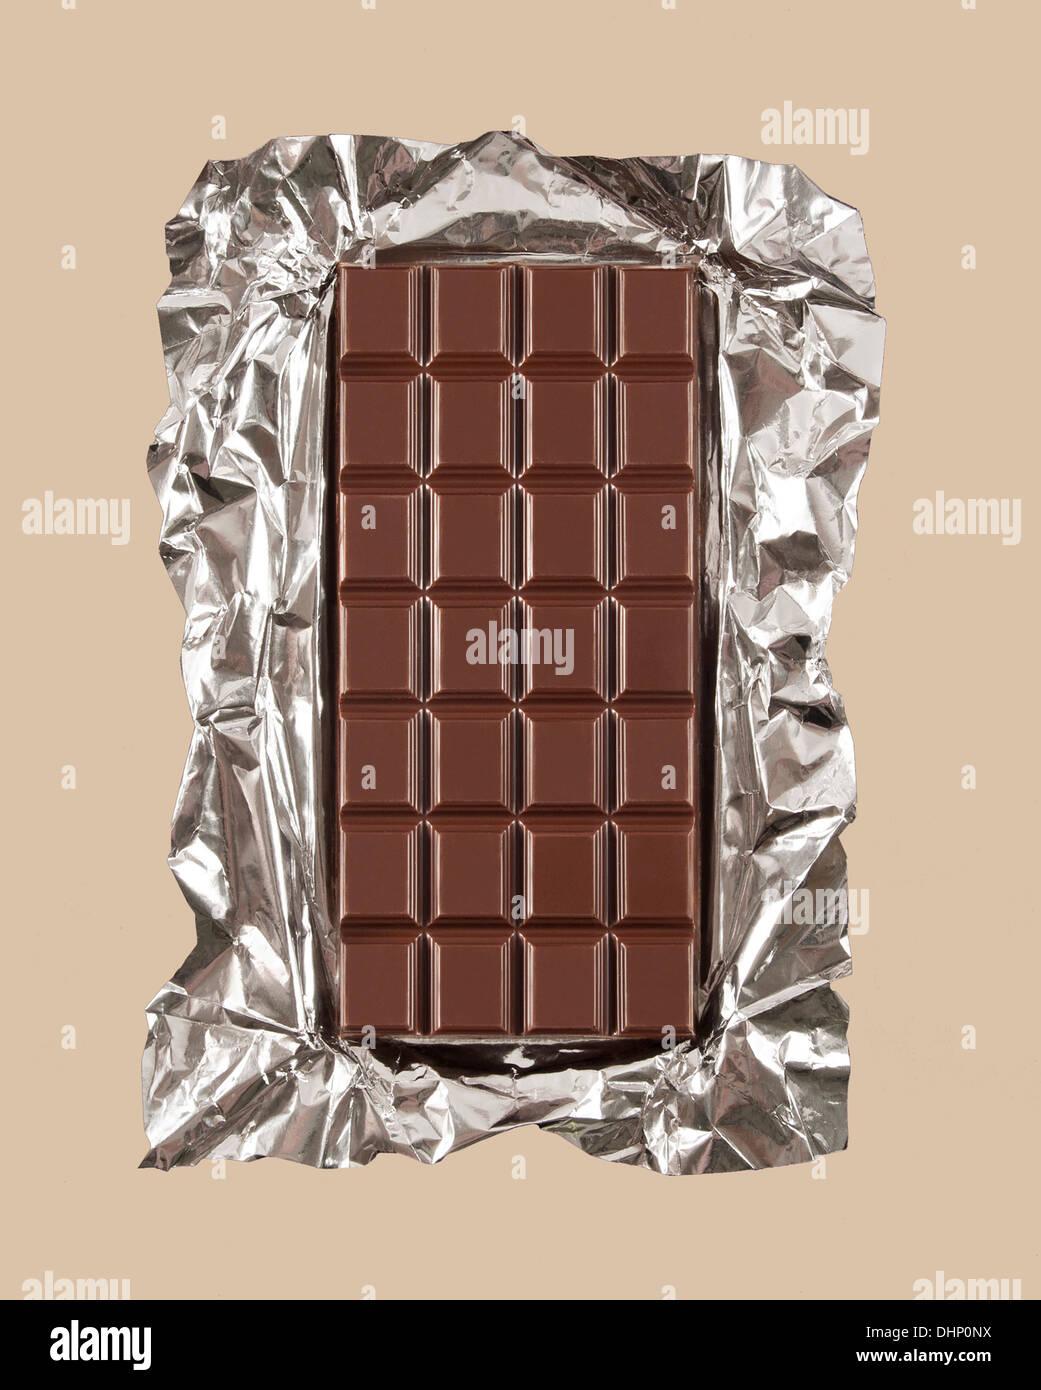 Il cioccolato candy bar con involucro in foglio scorporato Immagini Stock